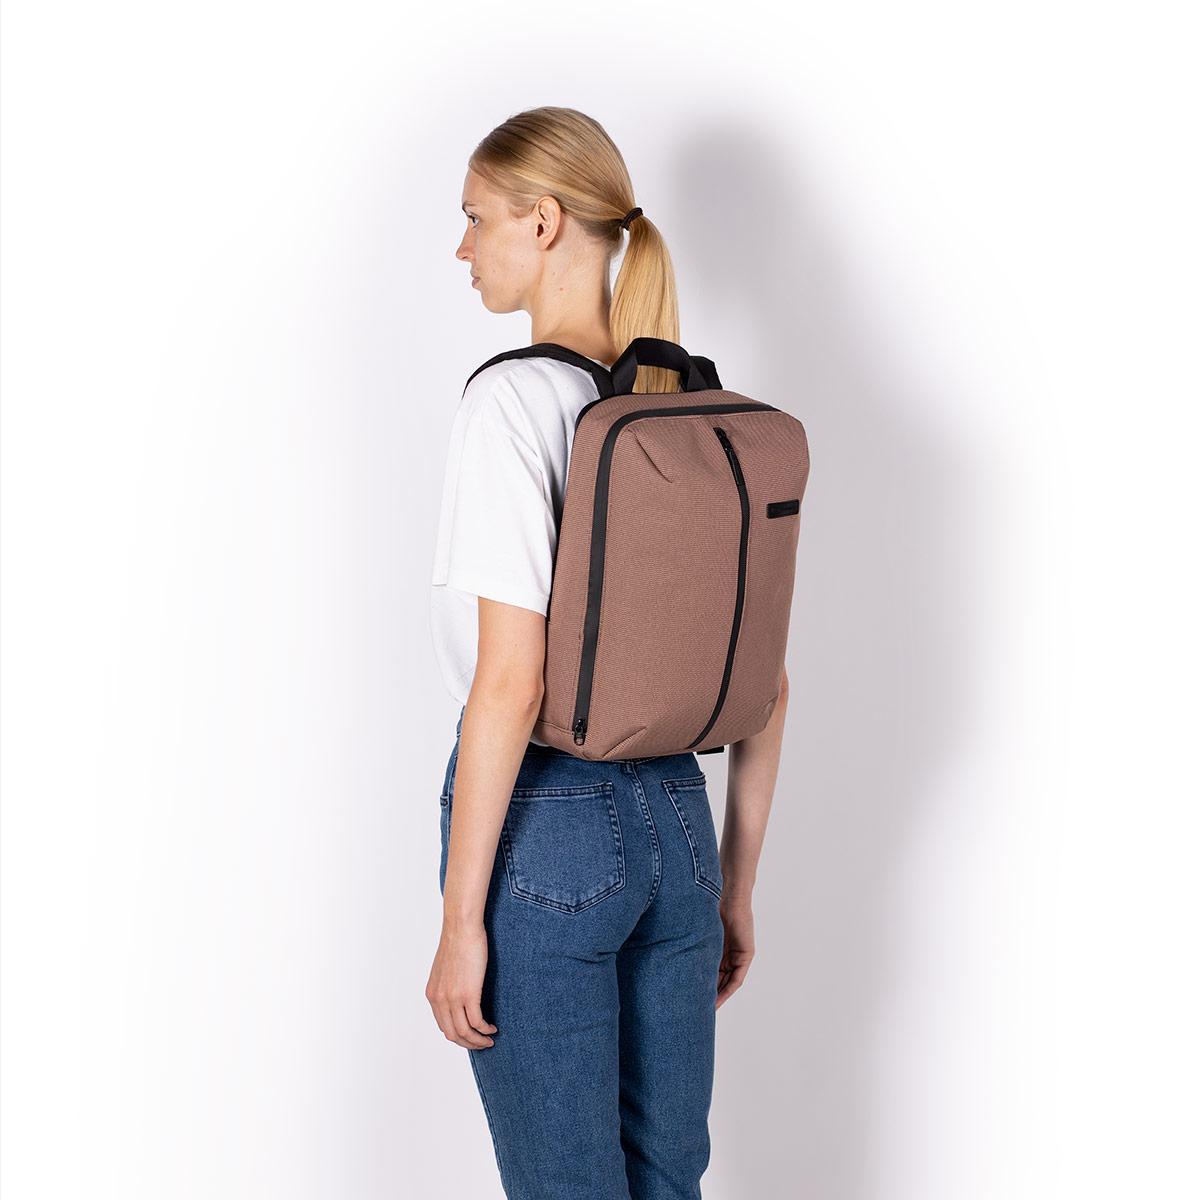 UA_Janne-Backpack_Neural-Series_Rose_09